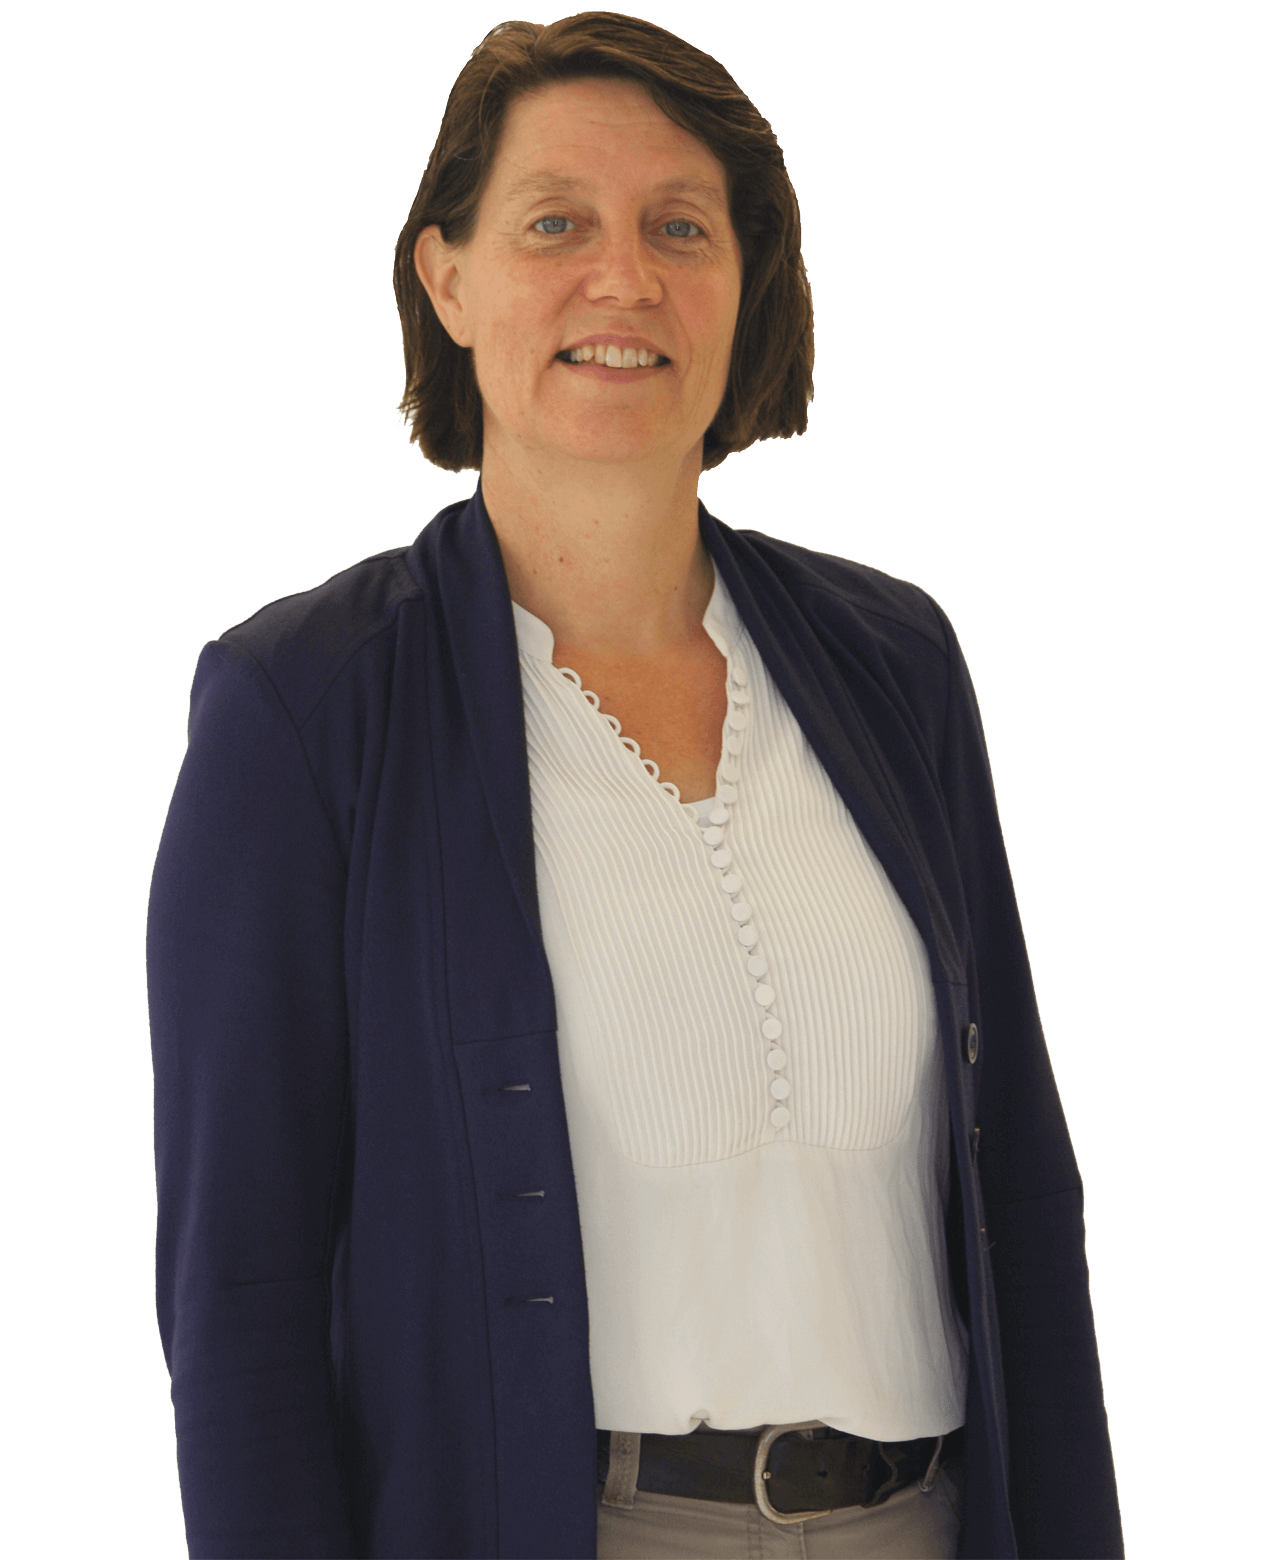 Ina Cijvat is onderwijsadviseur bij Expertis